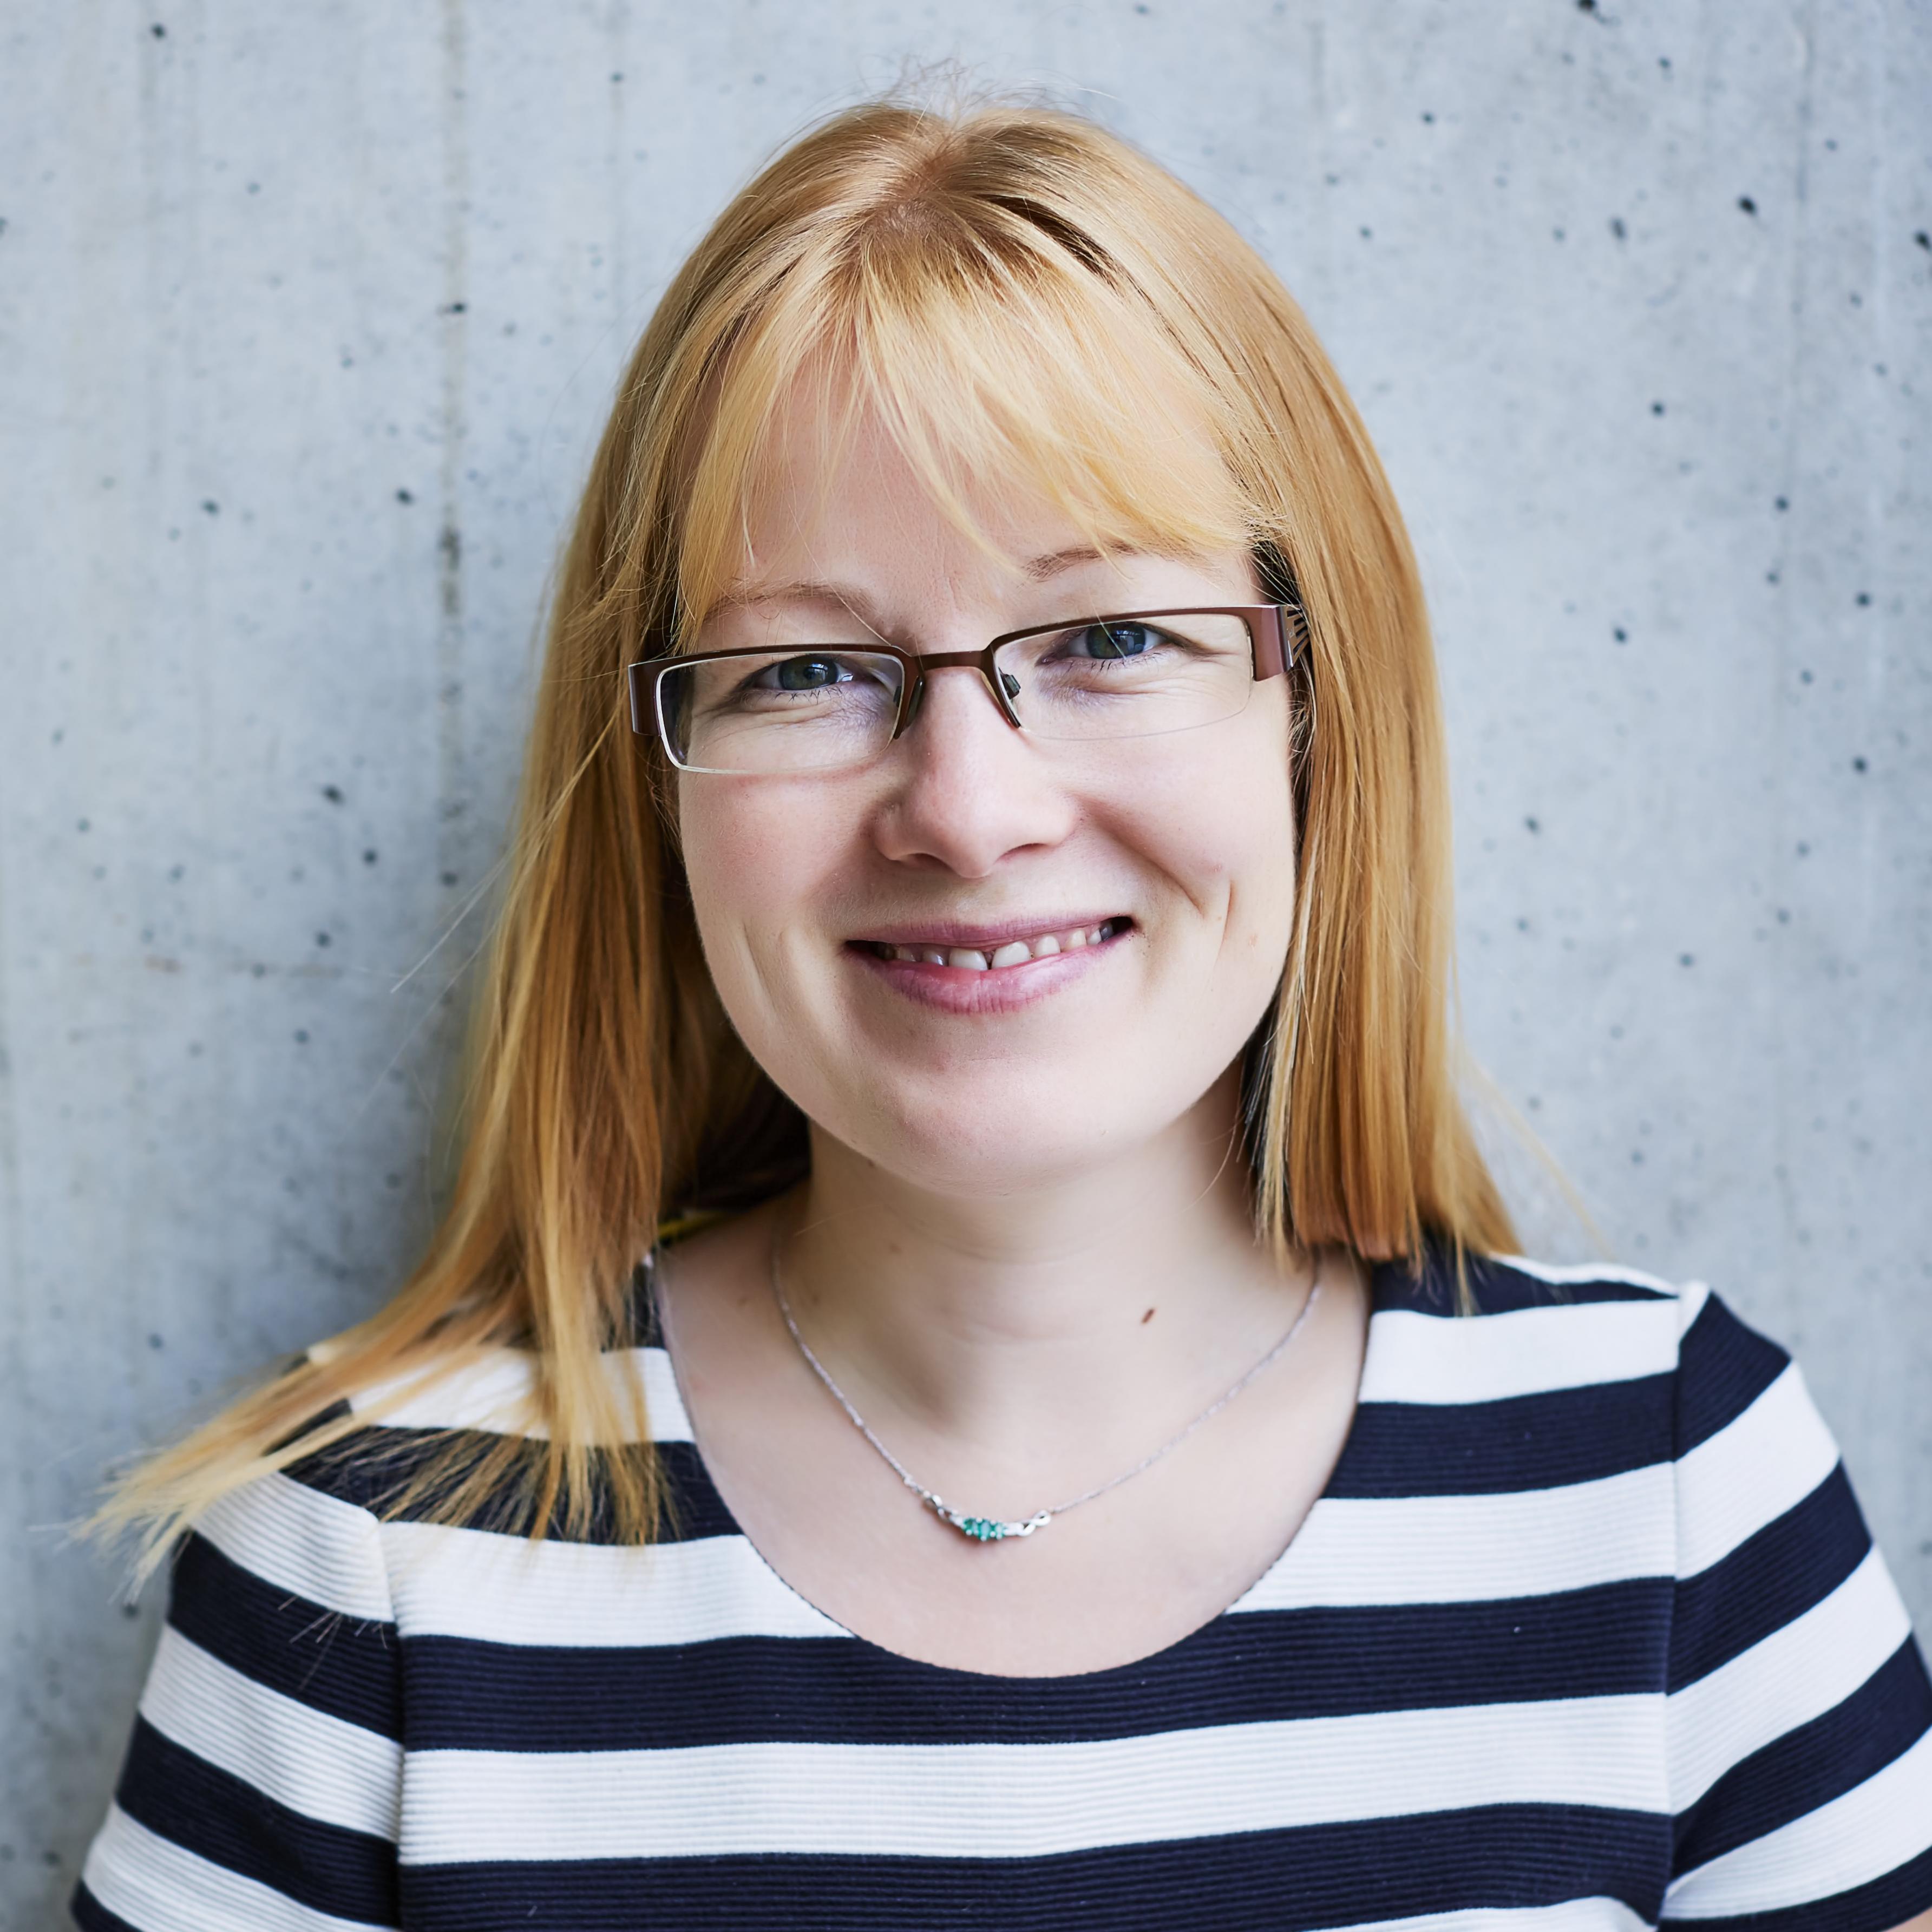 Sally Matthews, CFO at Gousto